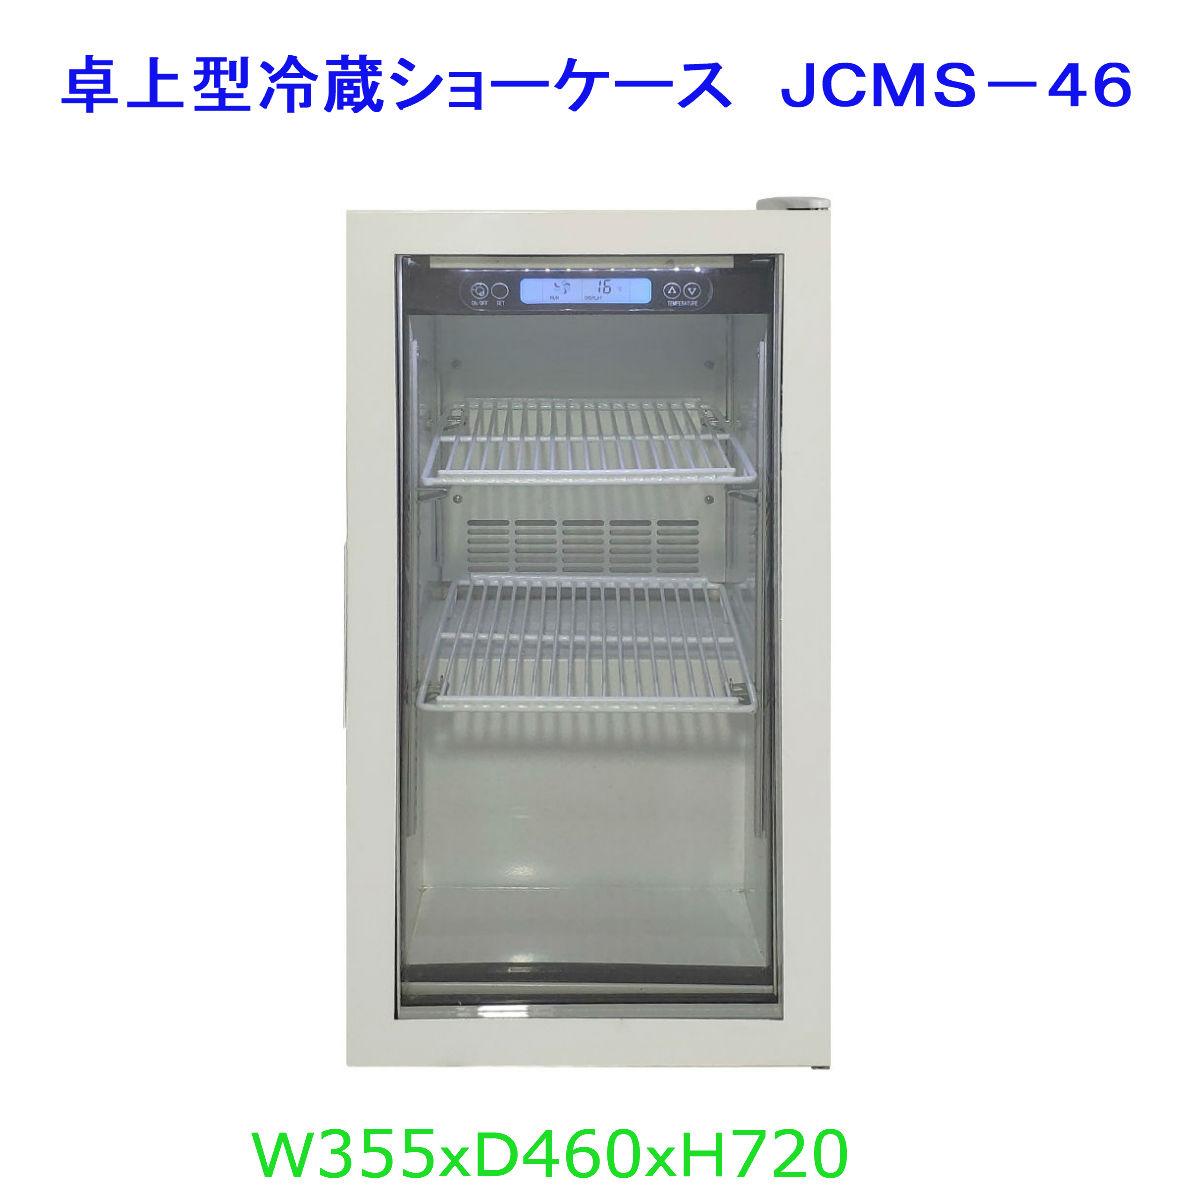 【送料無料】卓上型冷蔵ショーケース 46L